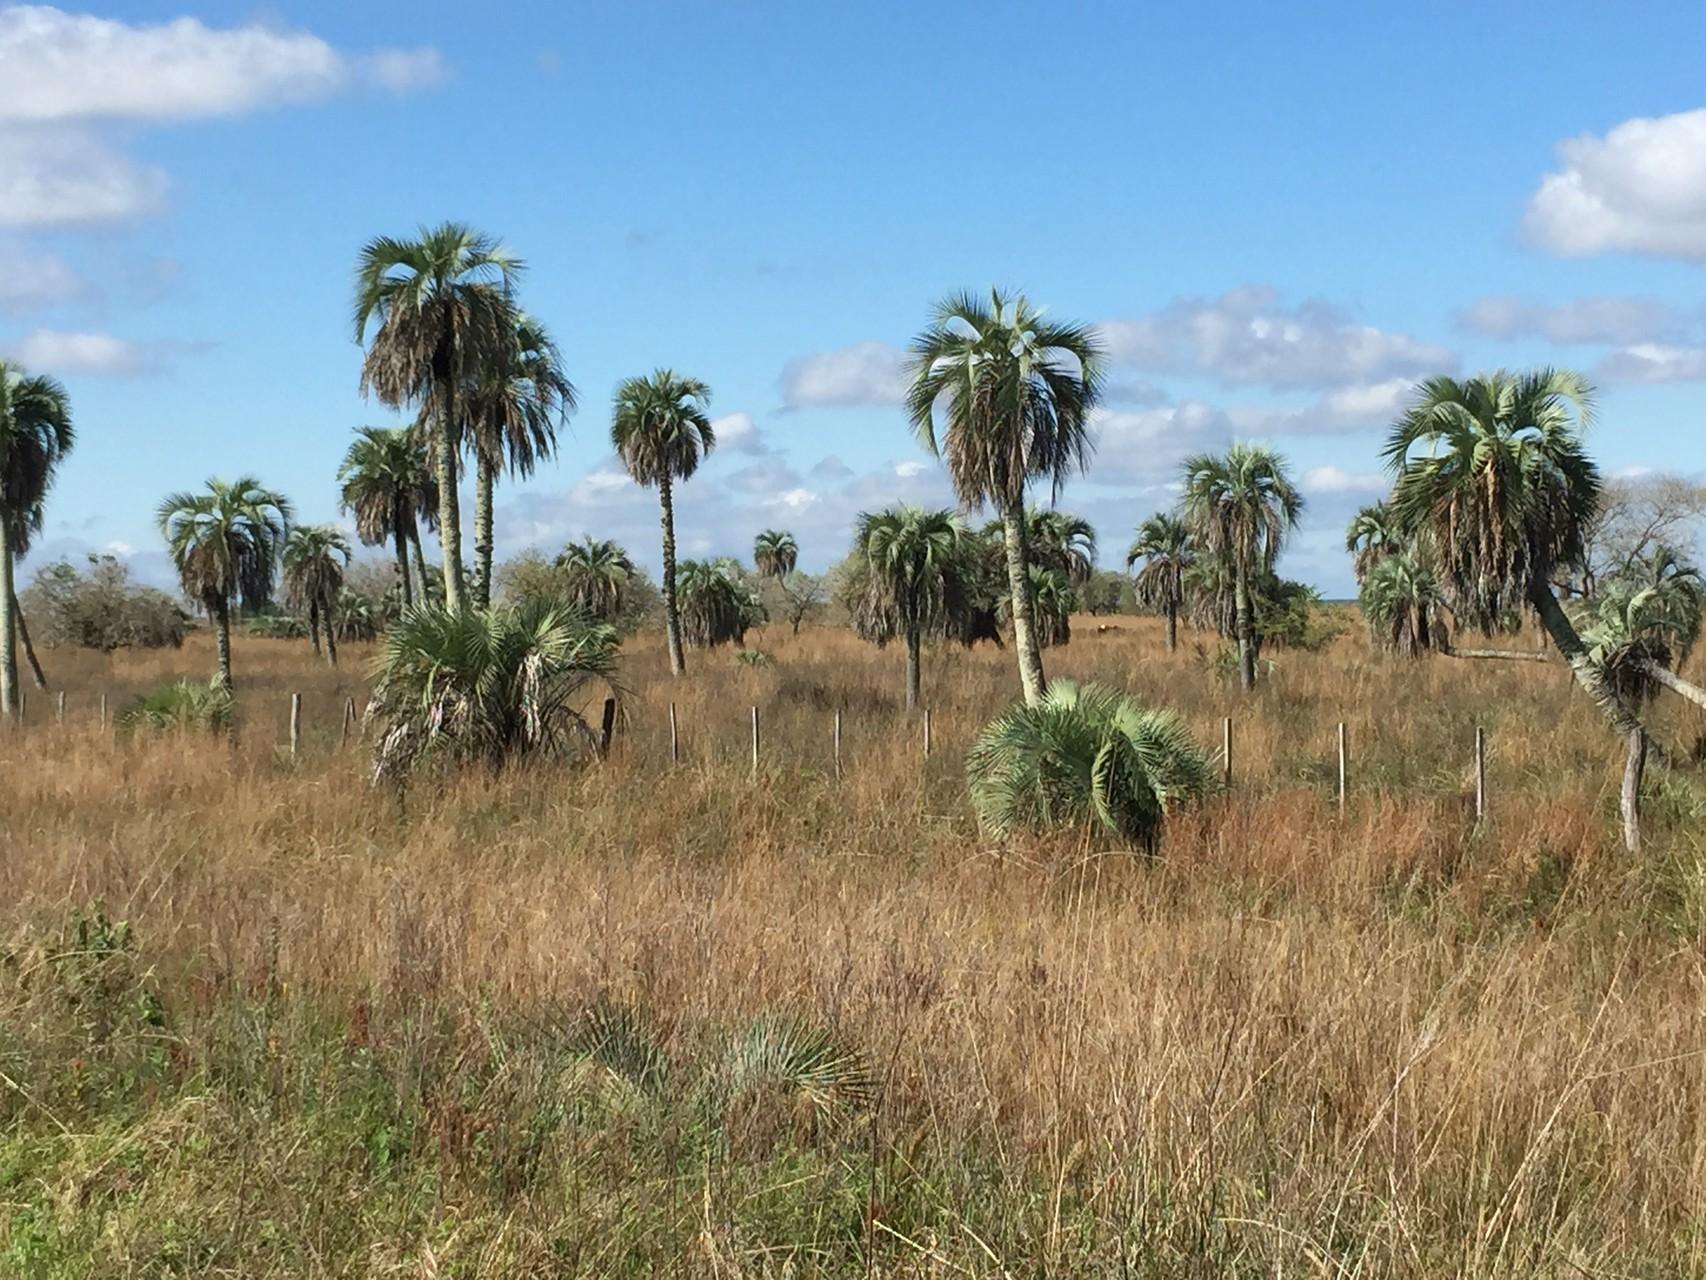 Palmen stehen im Wasser